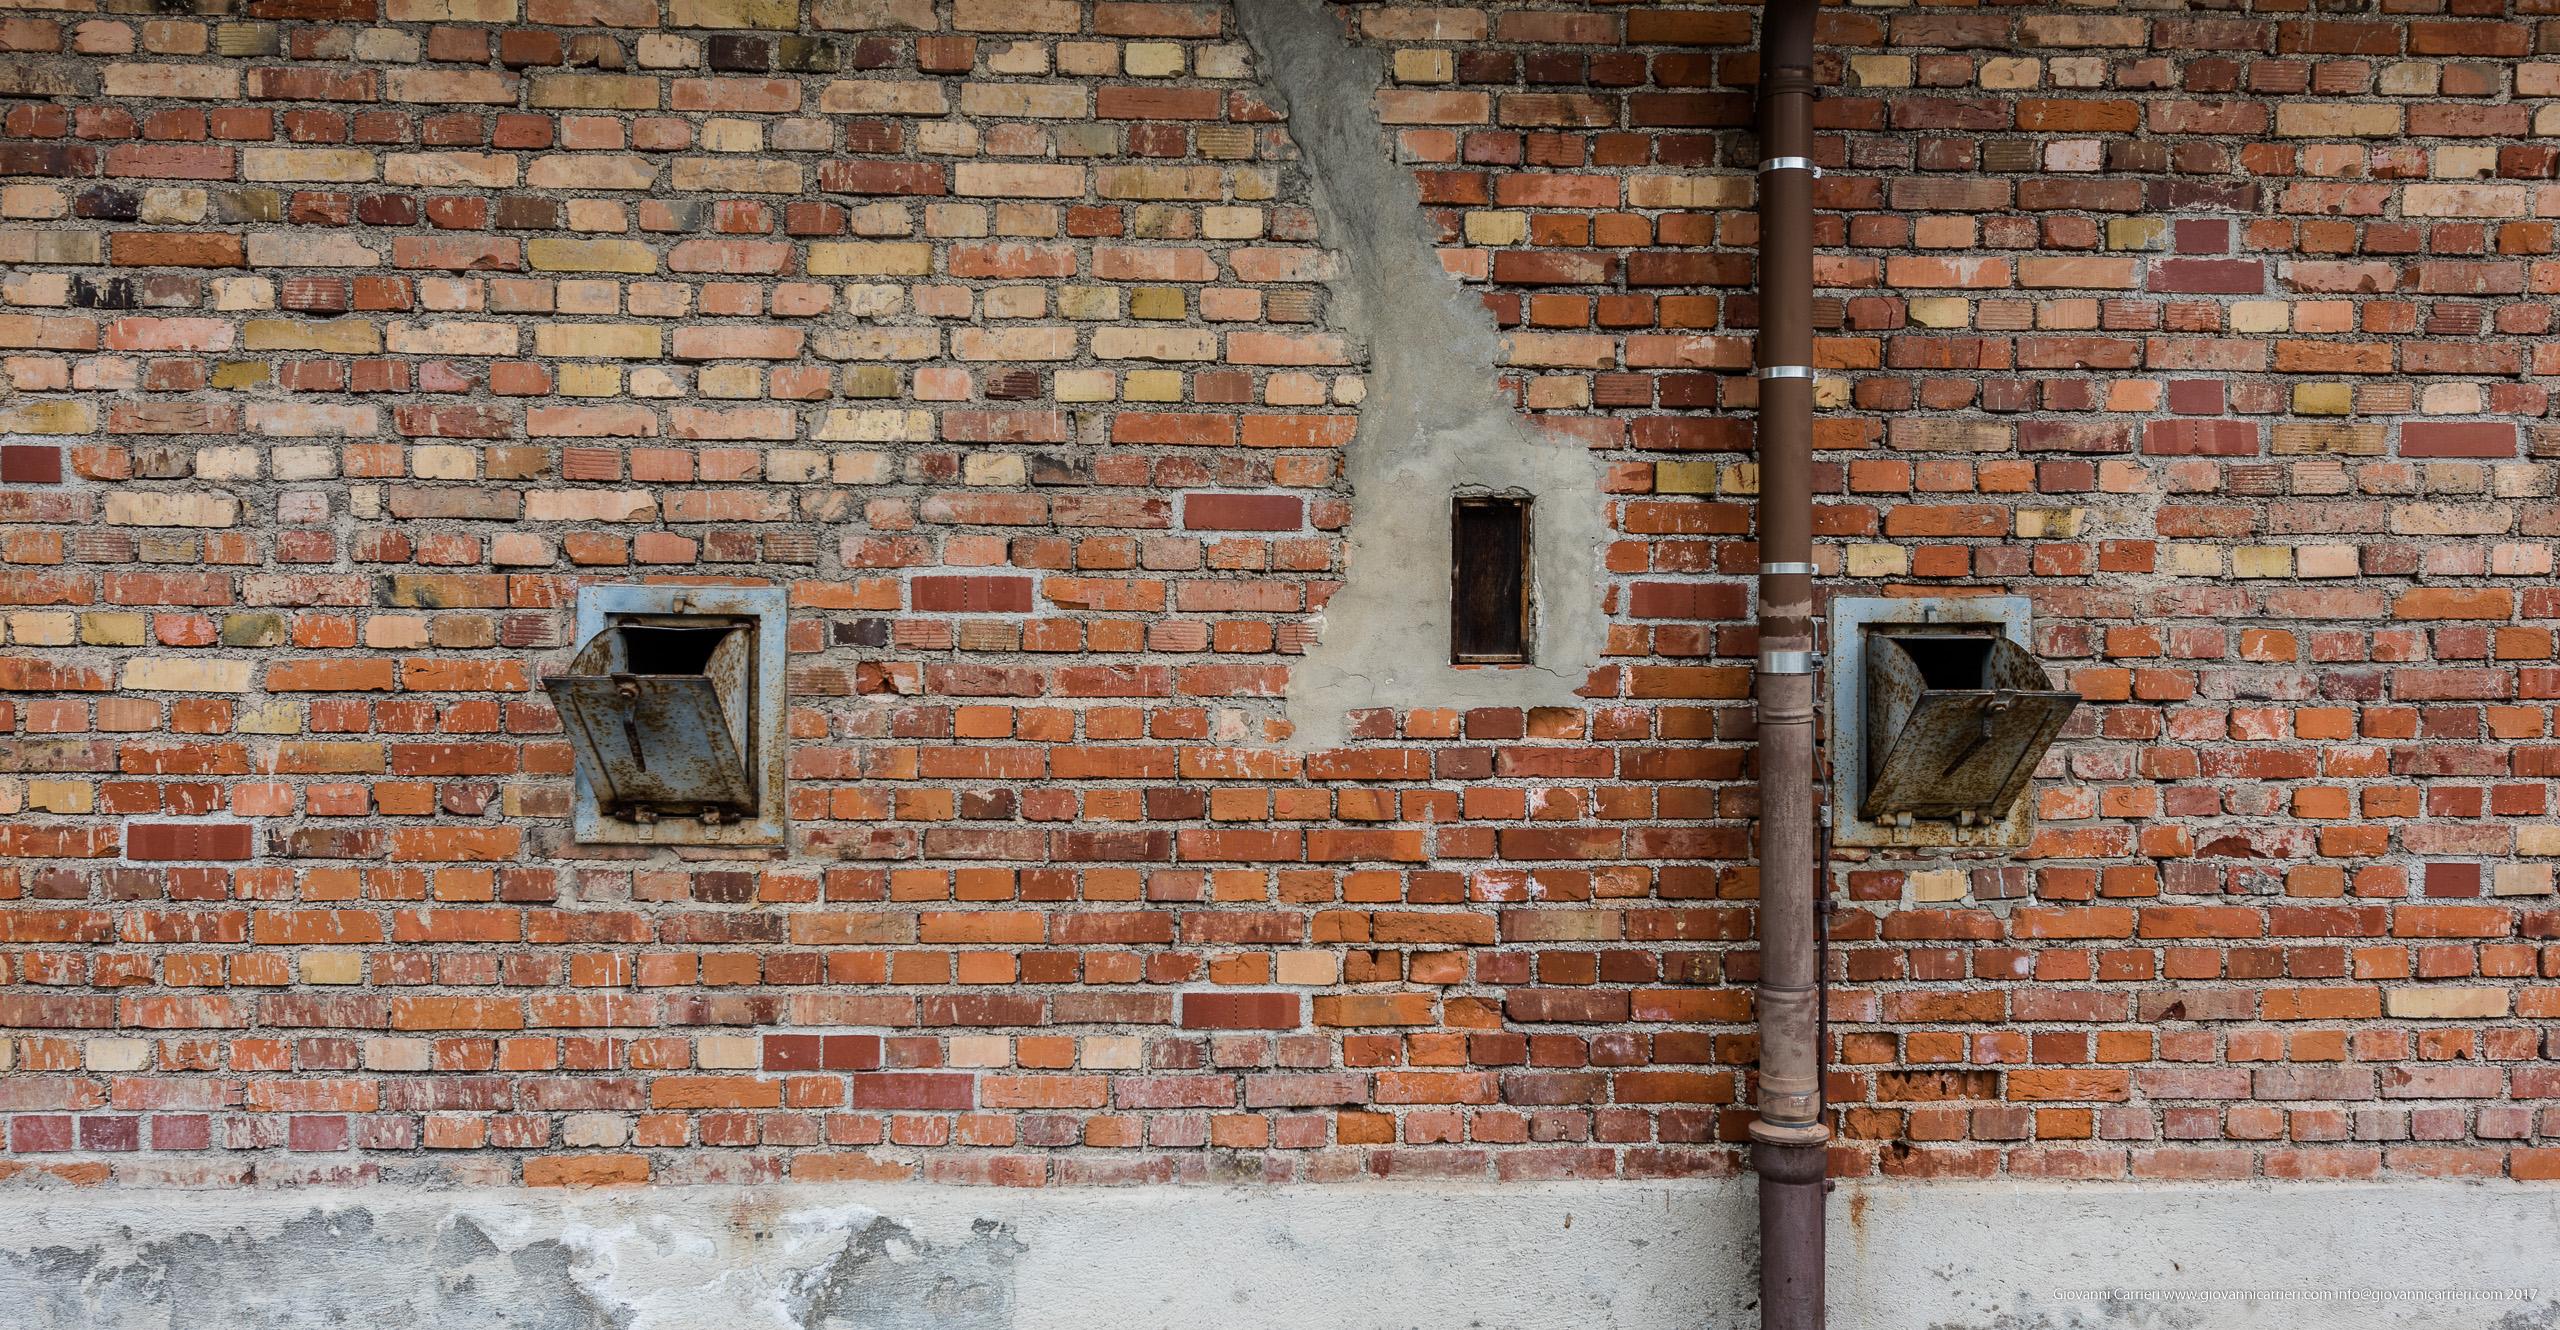 Le aperture per inserire i cristalli di Zyklon B nella camera a gas, Dachau